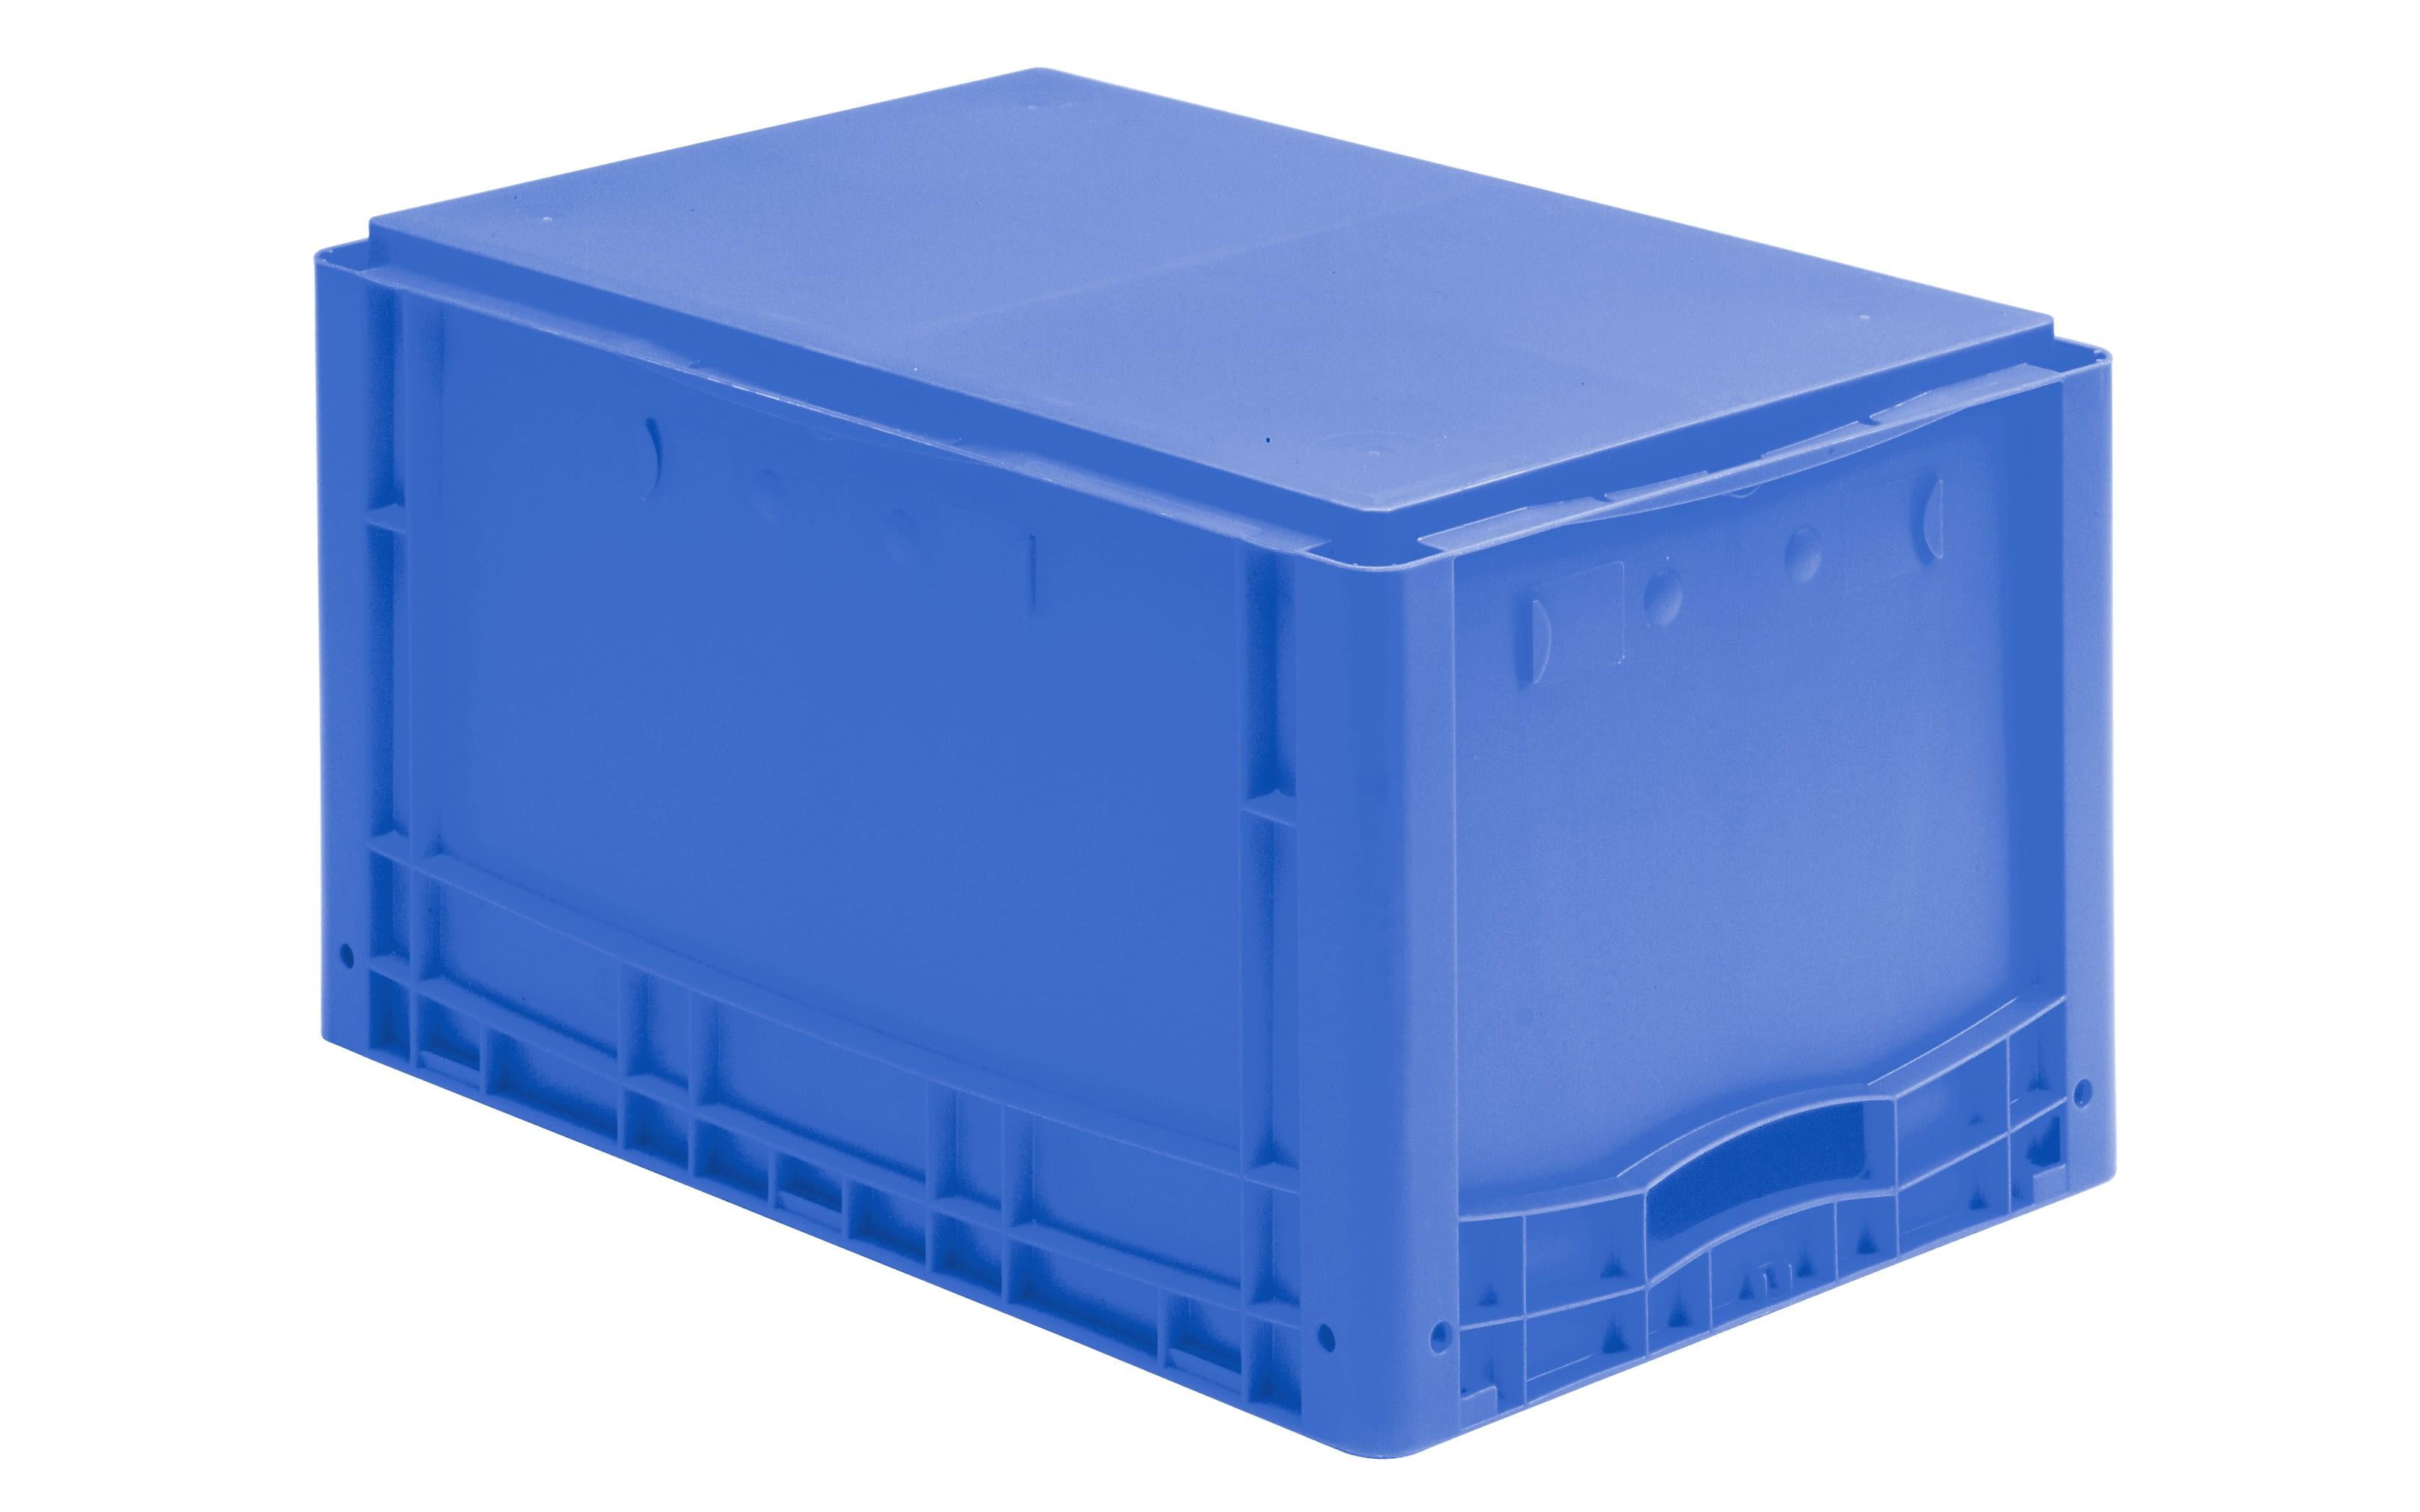 Stohovací euro přepravka XL, s plnými stěnami, modrá, IMG_18554